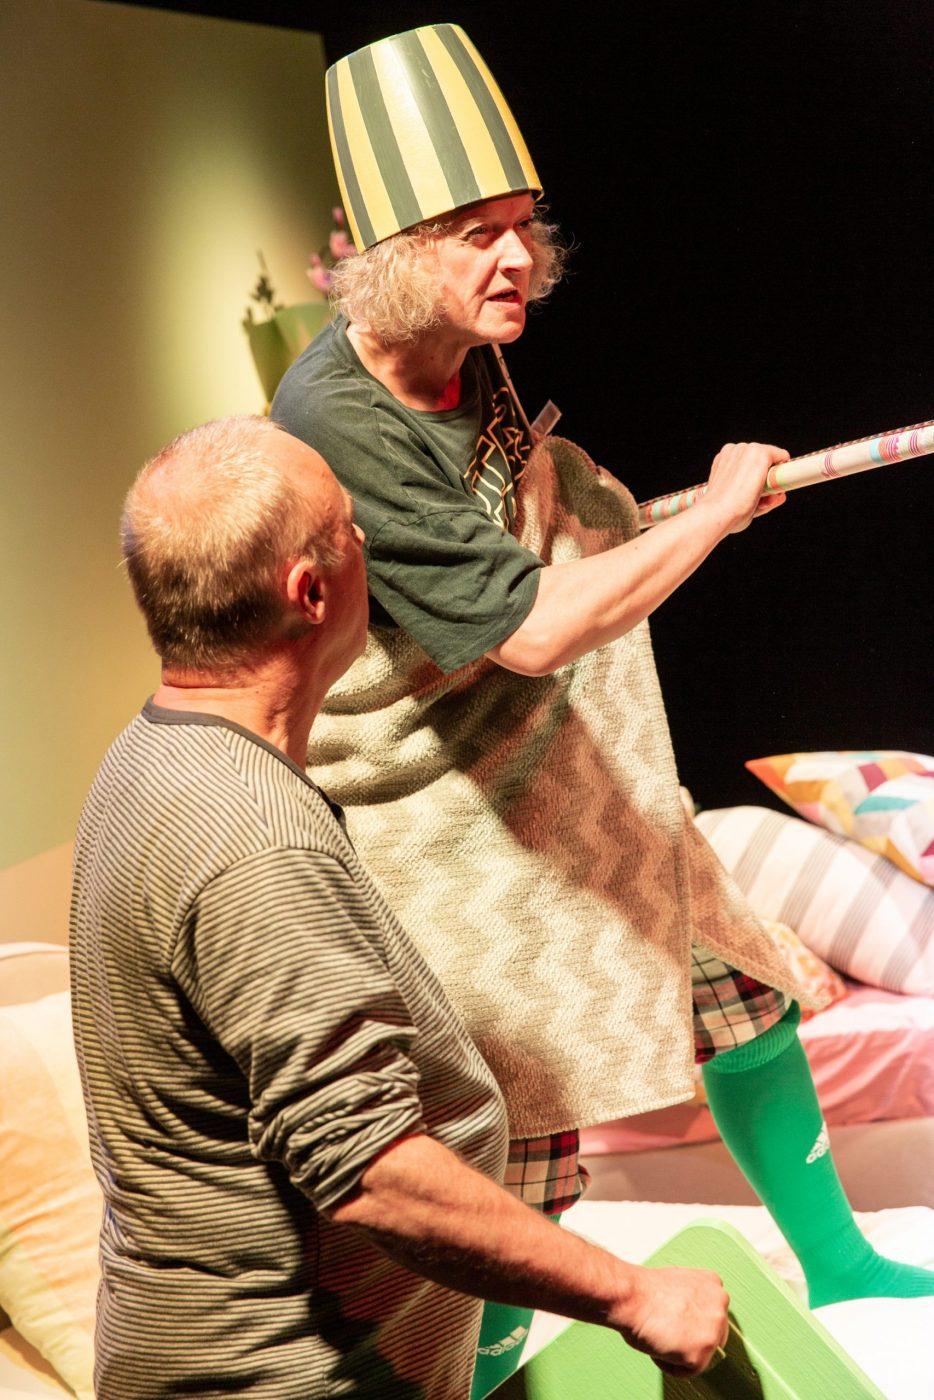 Szenenfoto aus Donna Quichotta vom Theater des Kindes in Linz